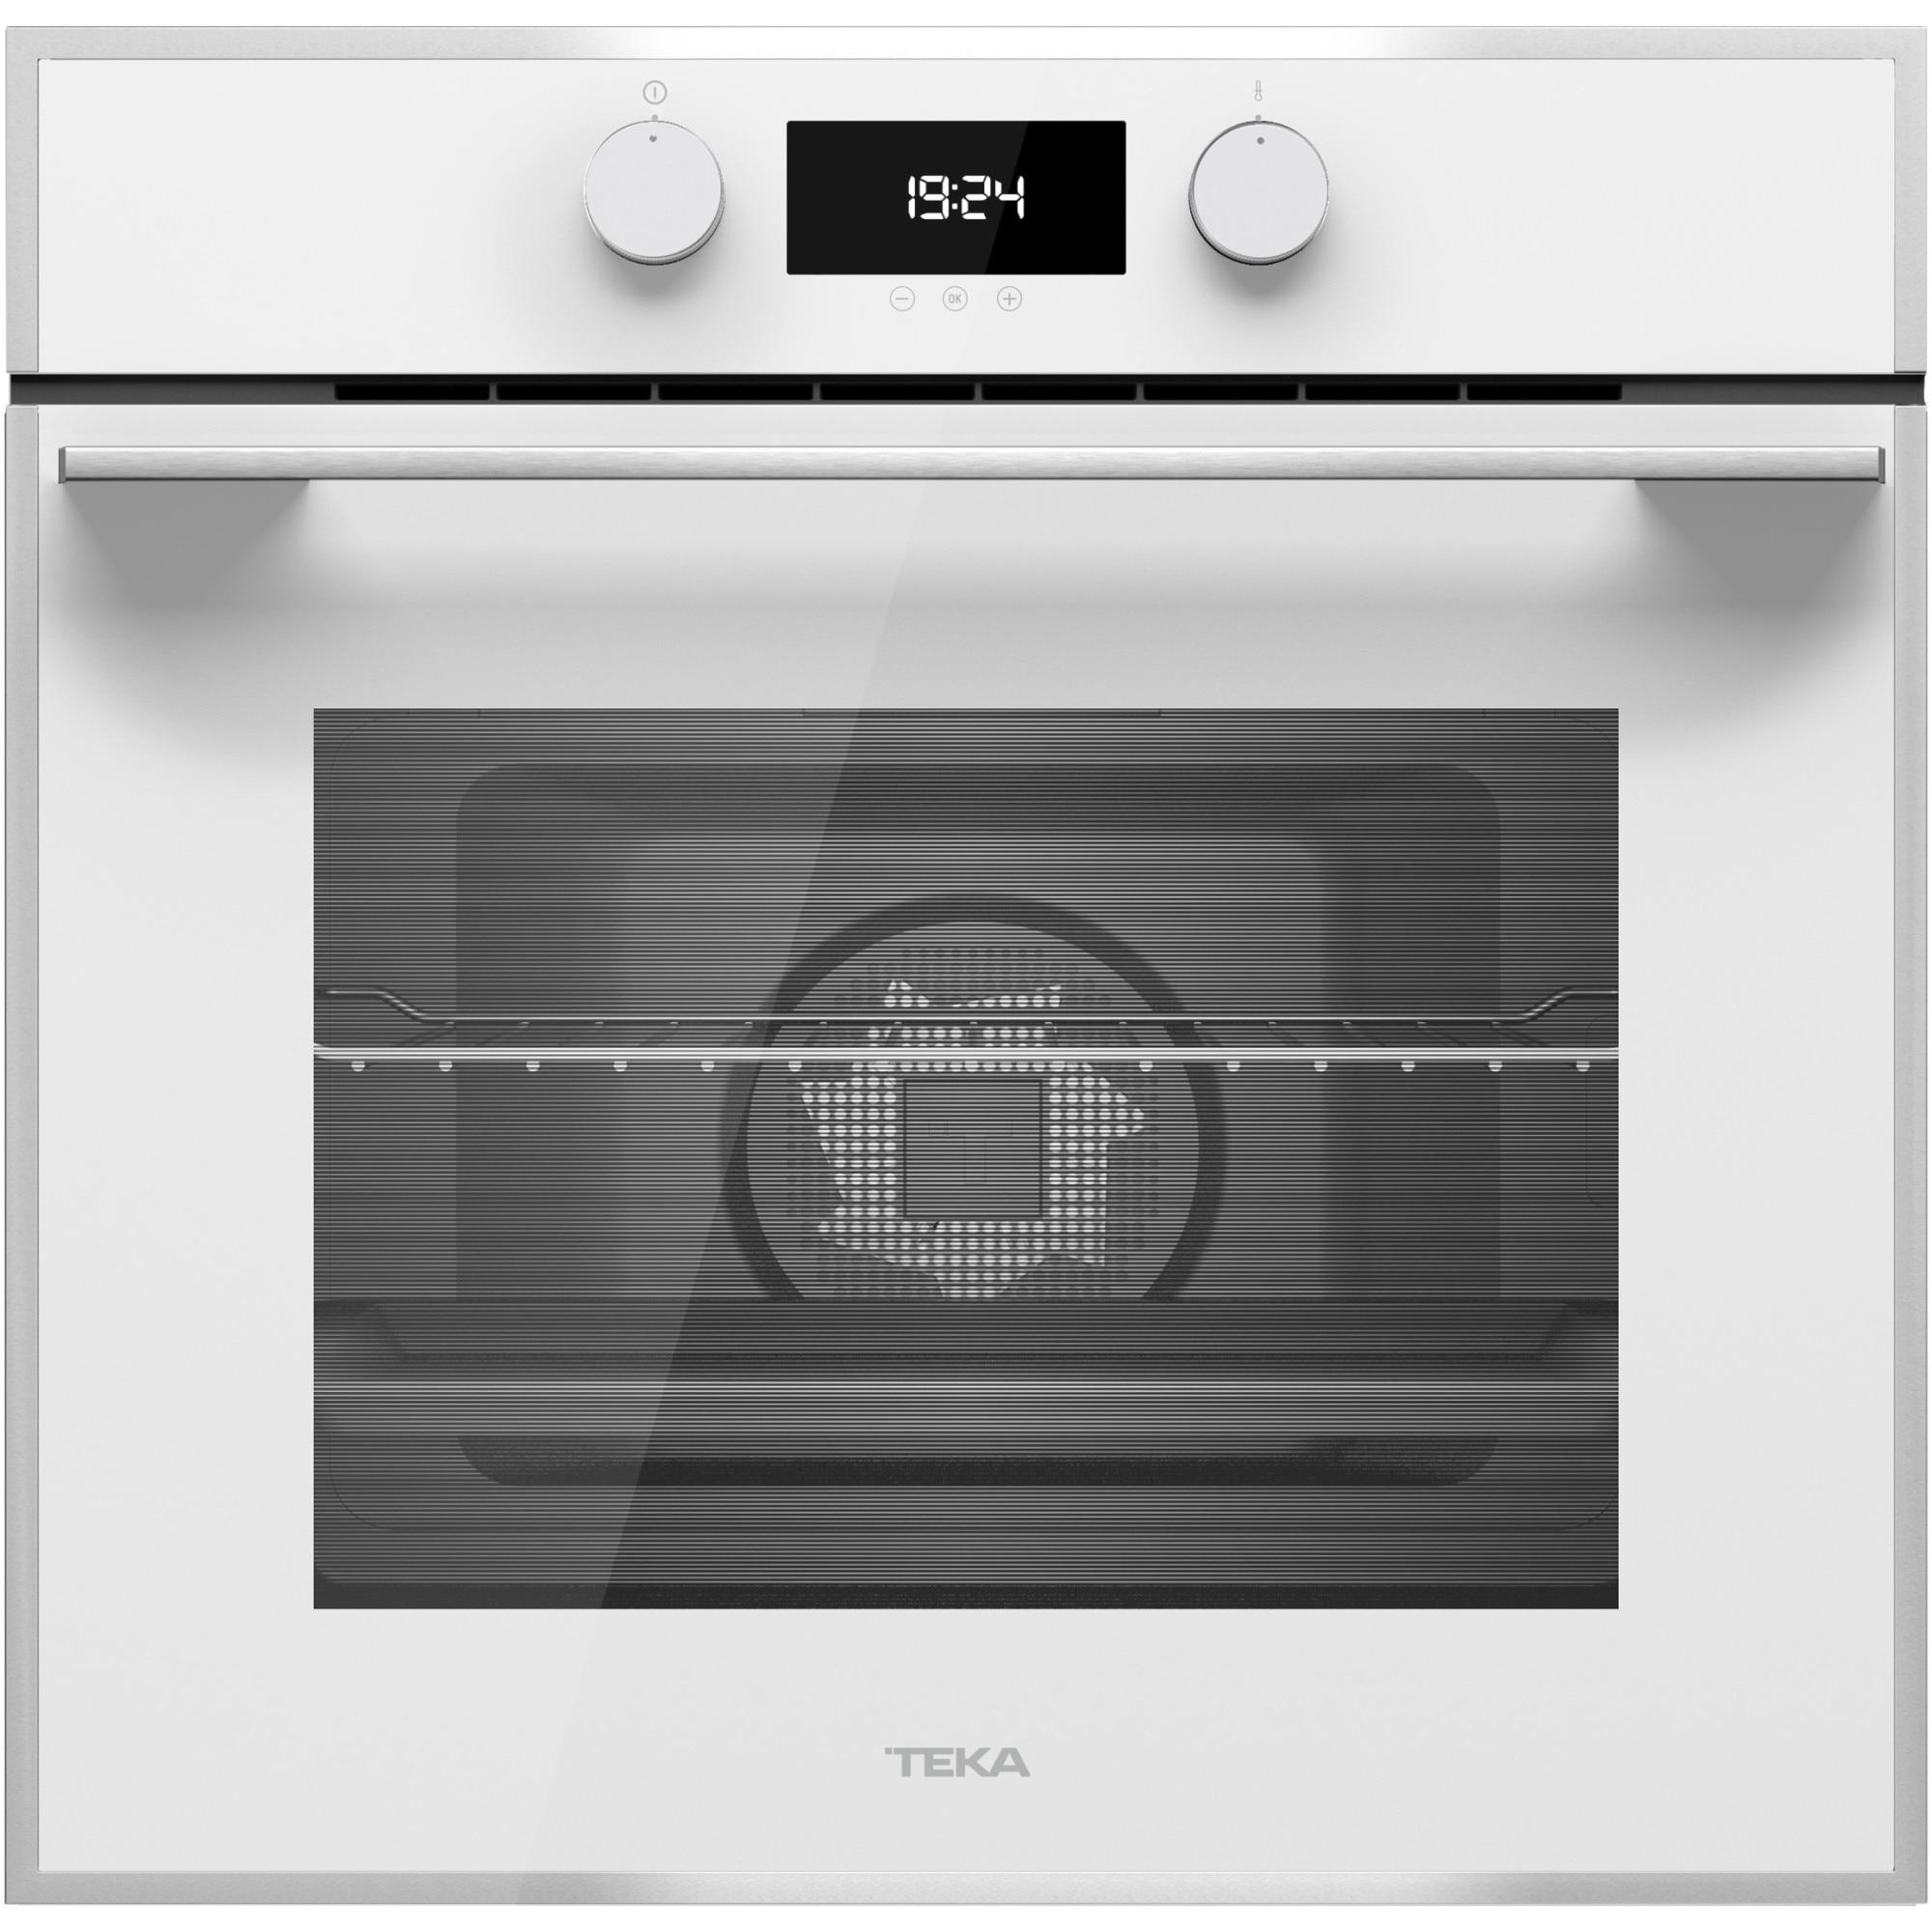 Fotografie Cuptor incorporabil Teka HLB 840 WHITE, Electric, HydroClean PRO, 70 l, Clasa A+, Cristal Alb